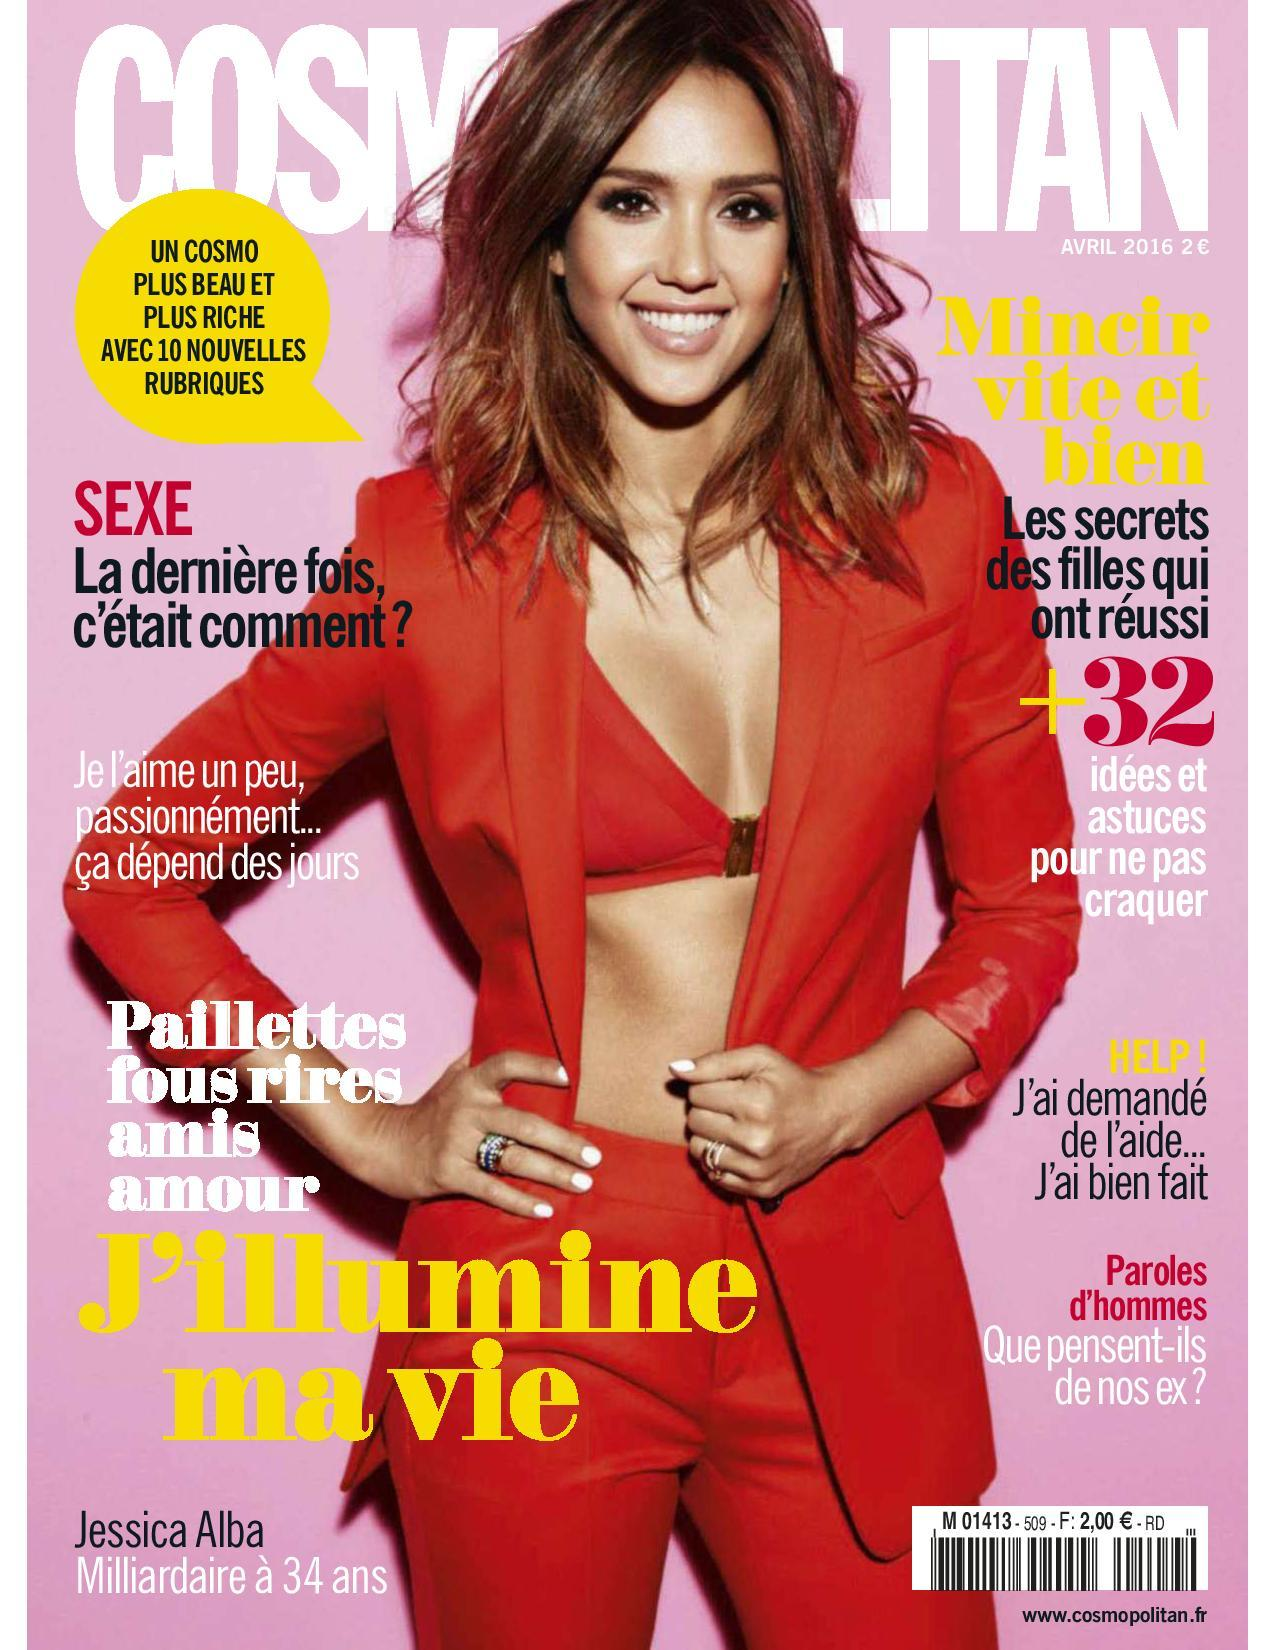 Cosmopolitan - Avril 2016